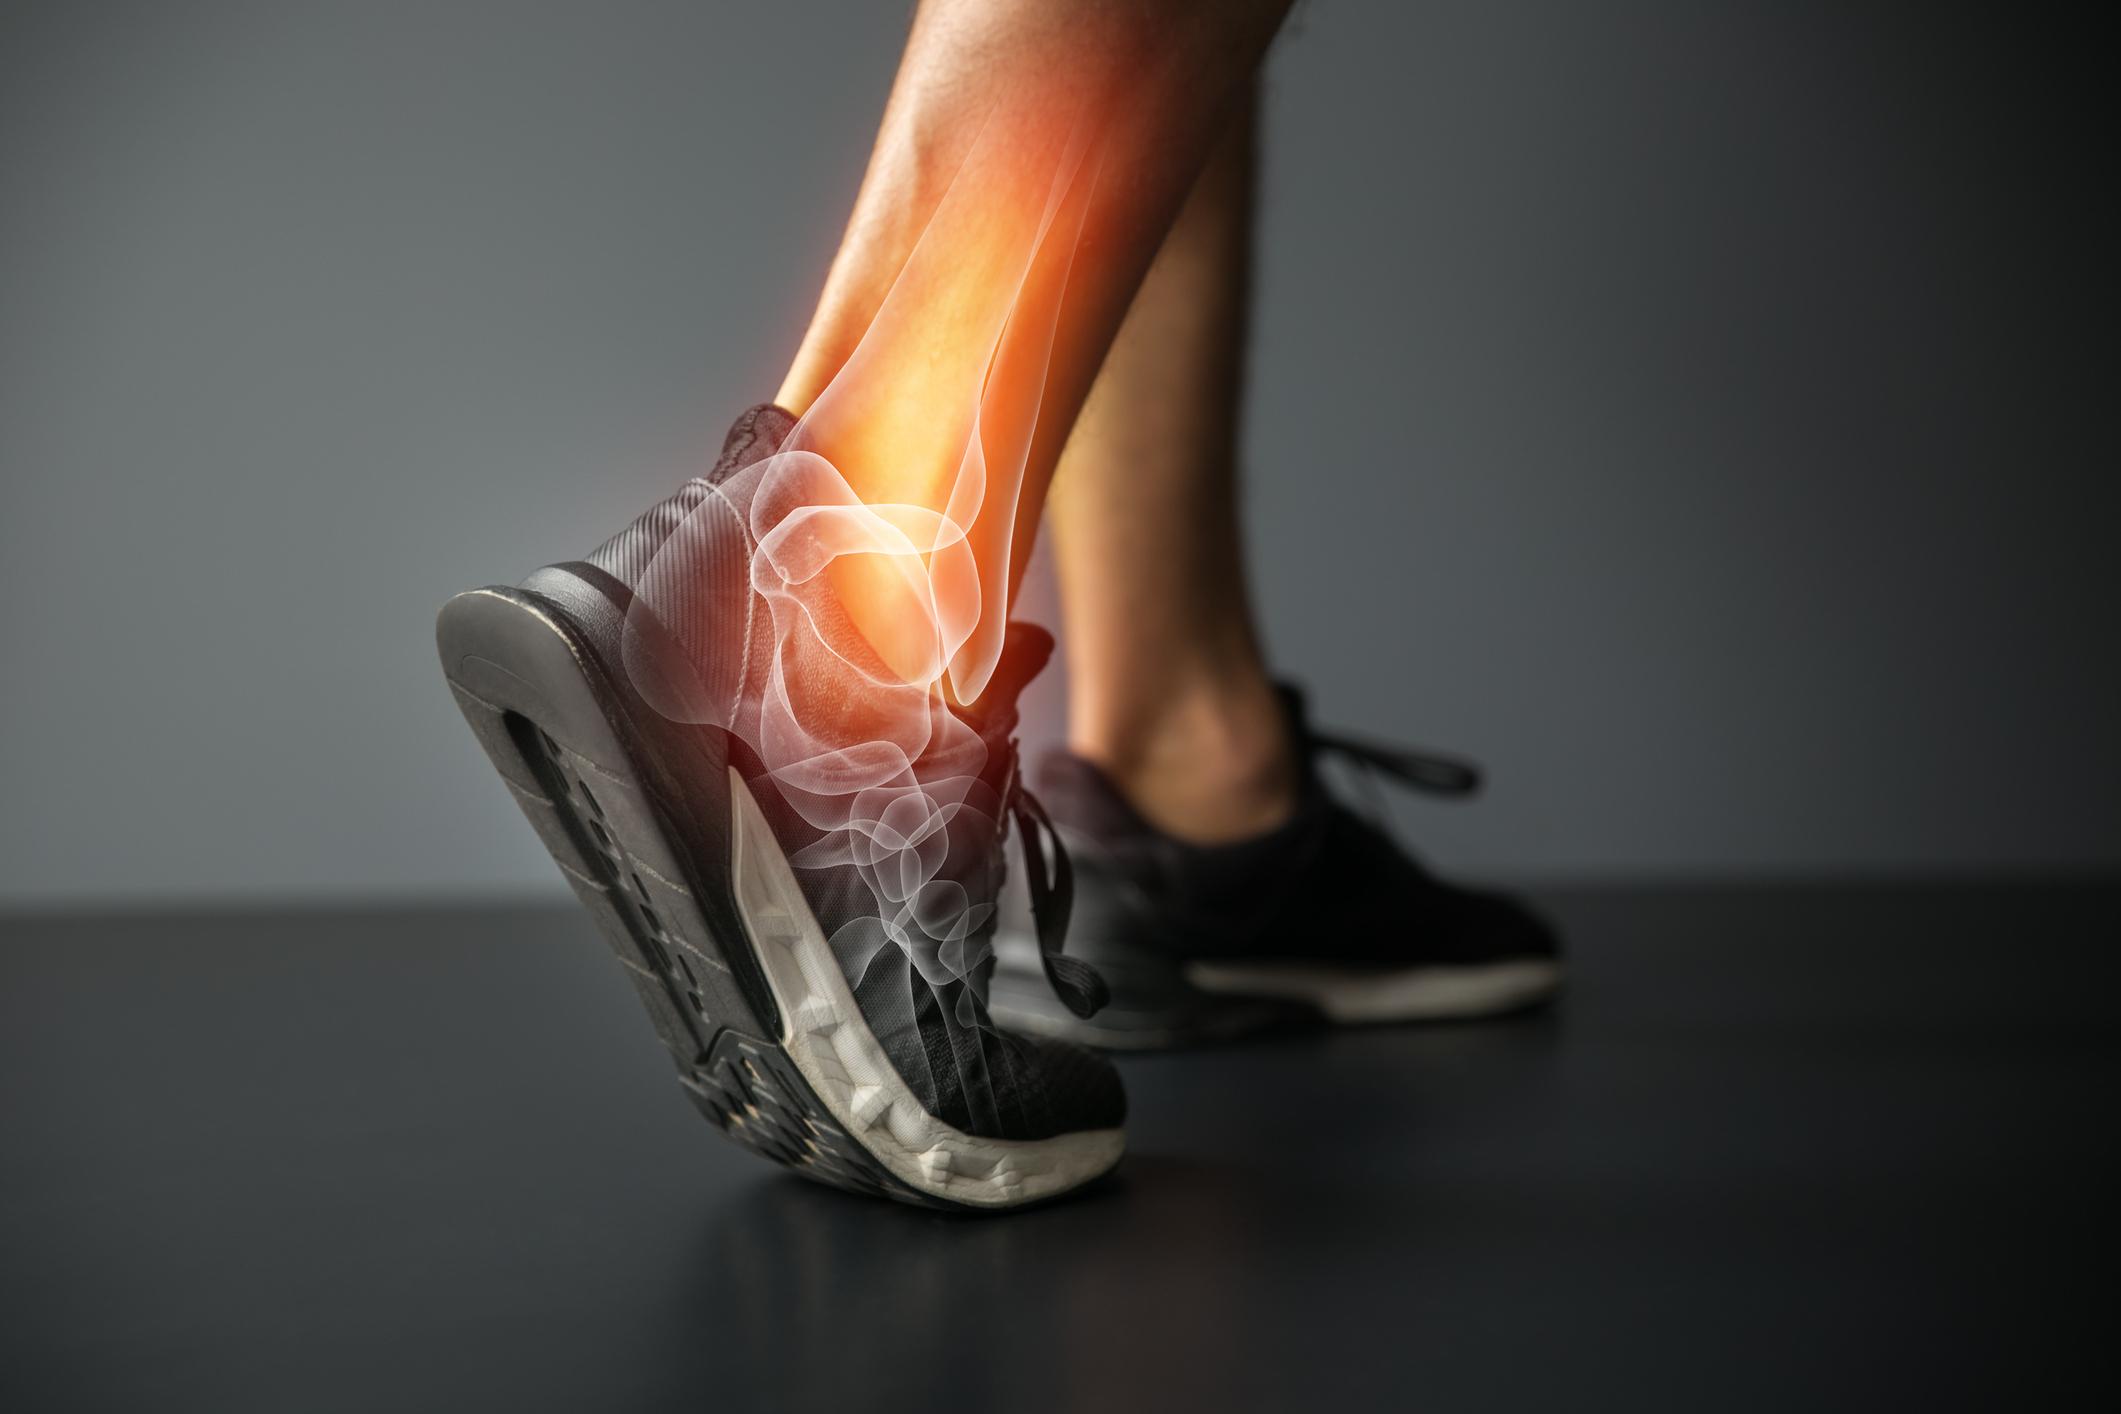 fce2564d7f0 En av sportens stora baksidor är skadedrabbningar på såväl professionella  idrottare som vanliga motionärer. Hur många gånger har man inte satt upp  ett mål ...